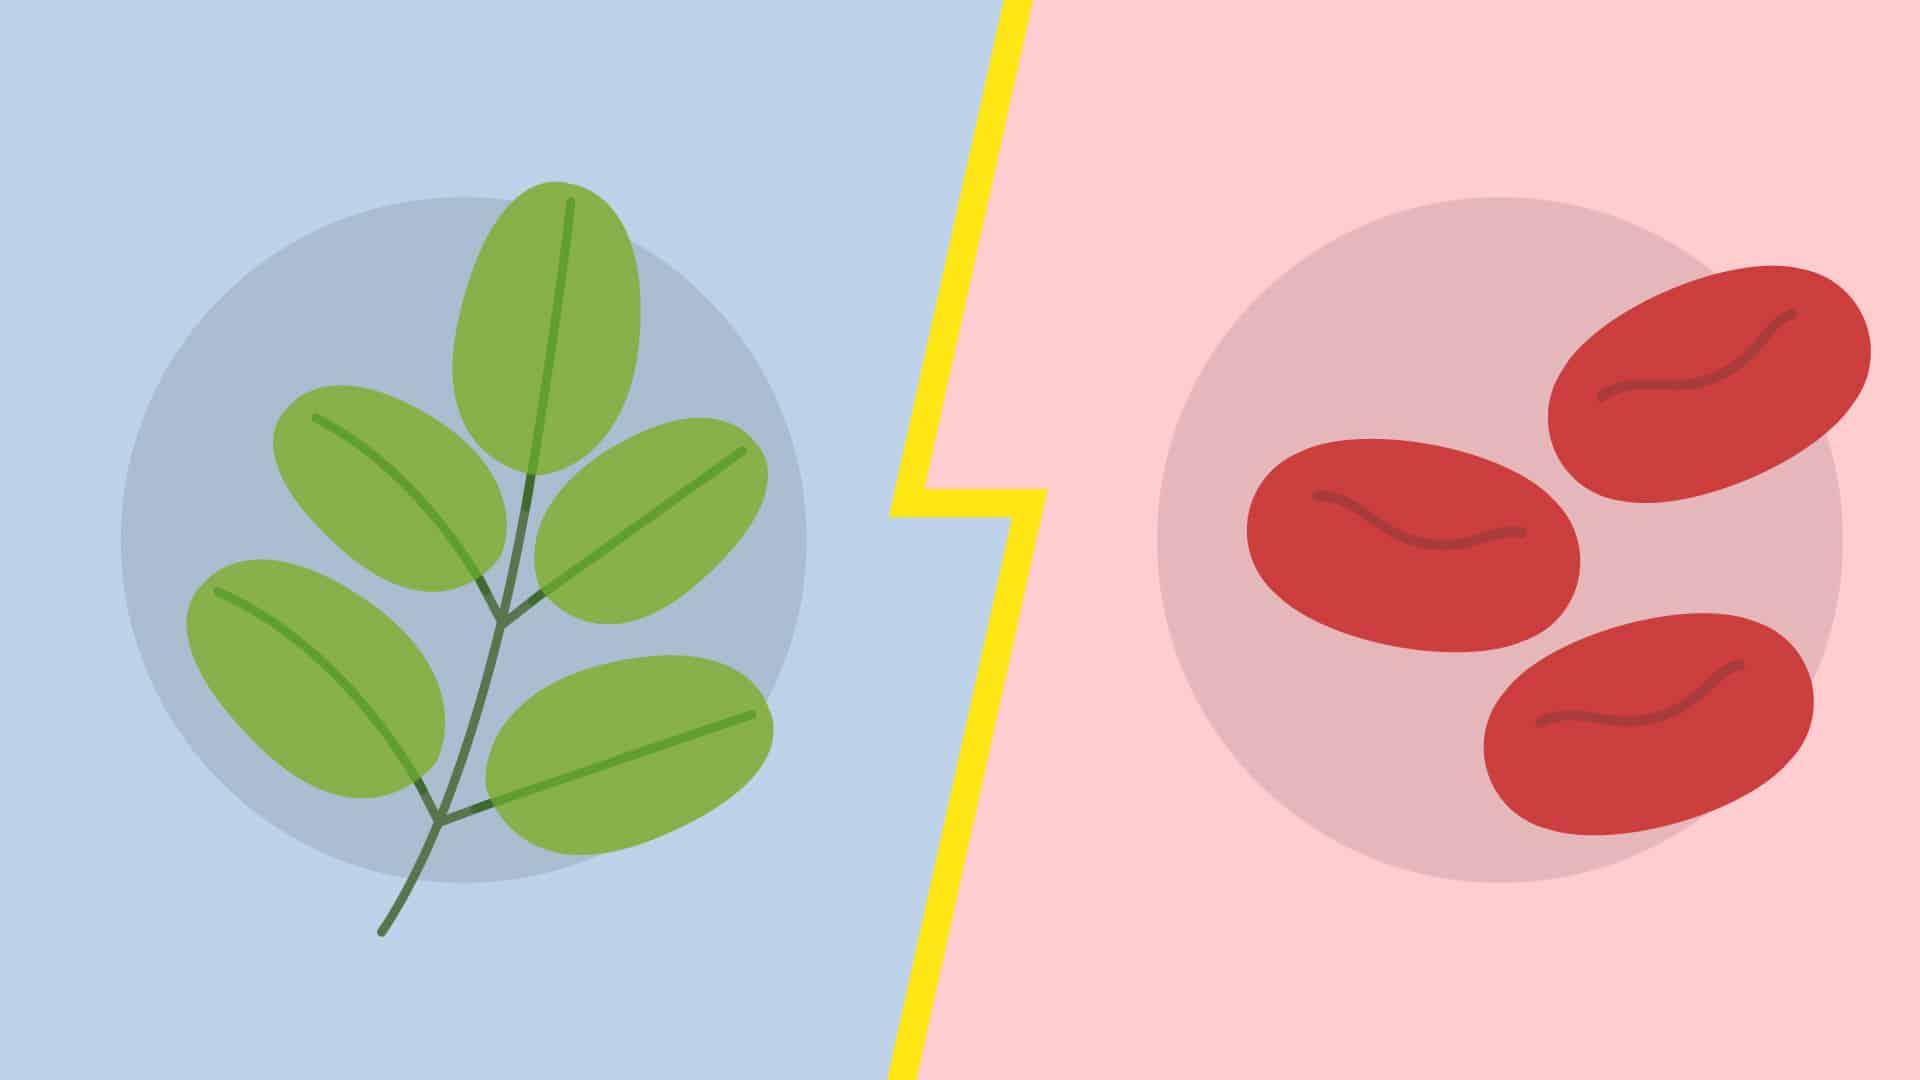 perte de poids due à lanémie la thyroxine peut-elle entraîner une perte de poids